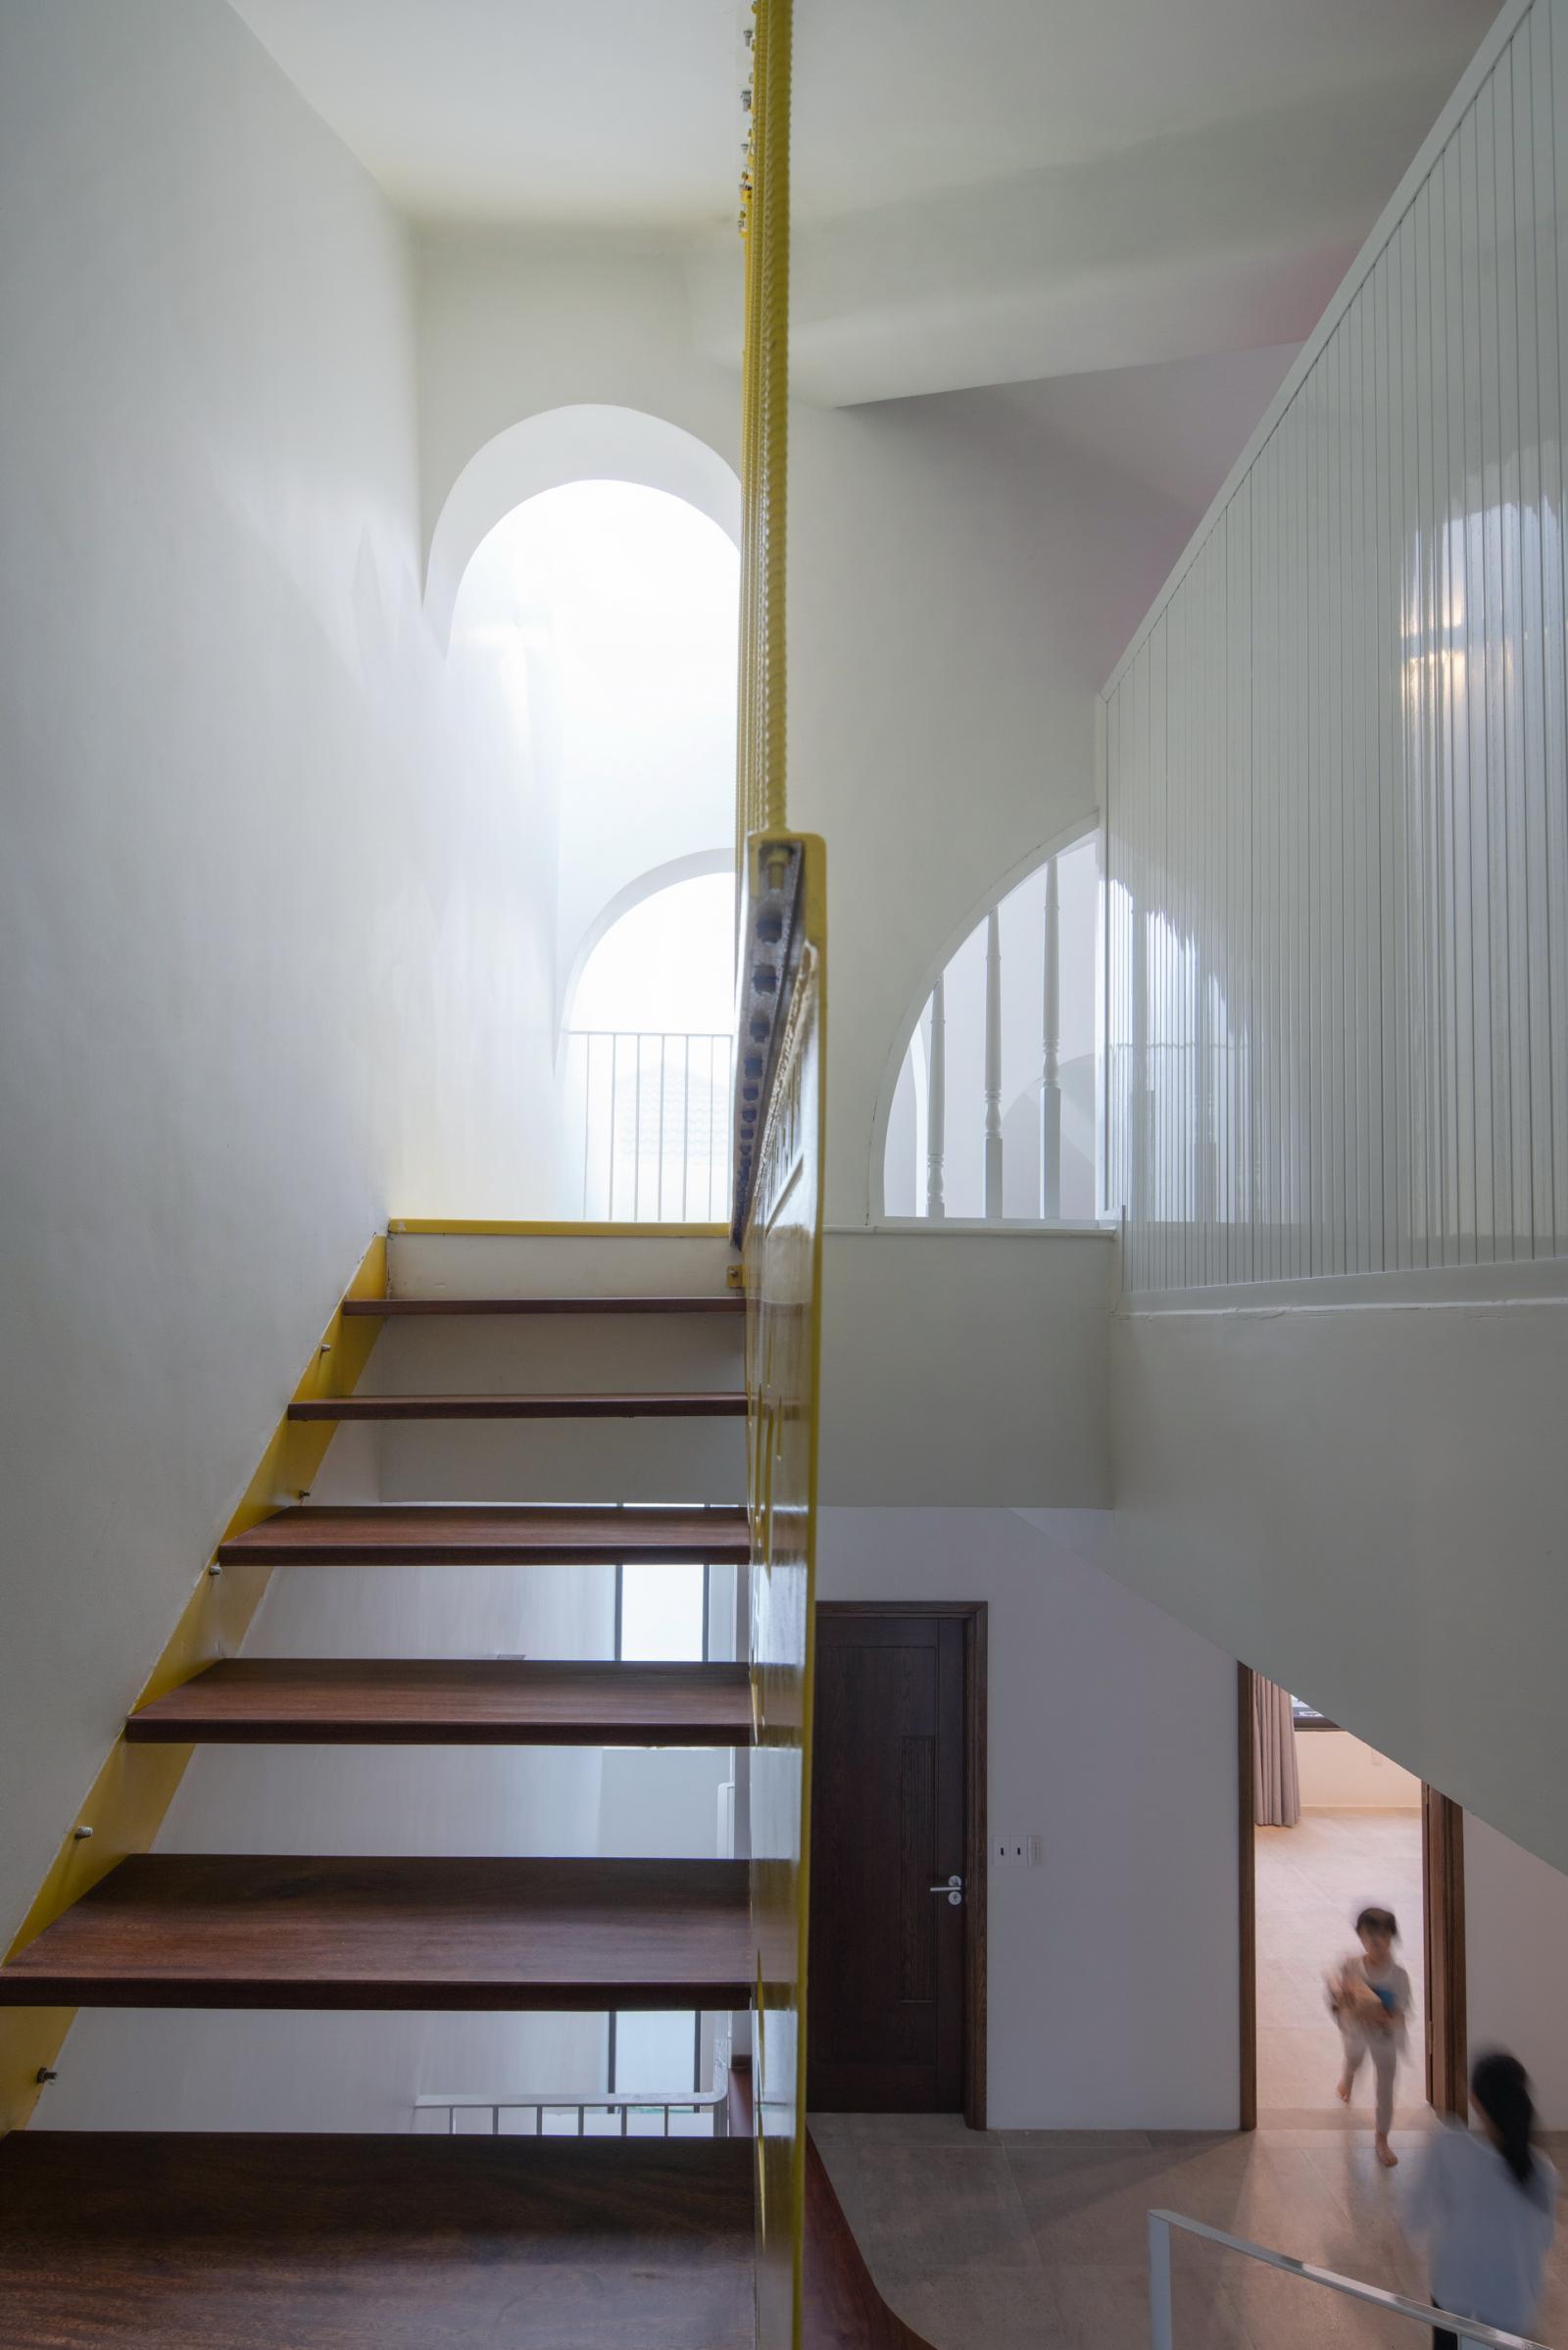 Hình ảnh phần 0hần cầu thang được thiết kế kiểu bậc rỗng thông thoáng